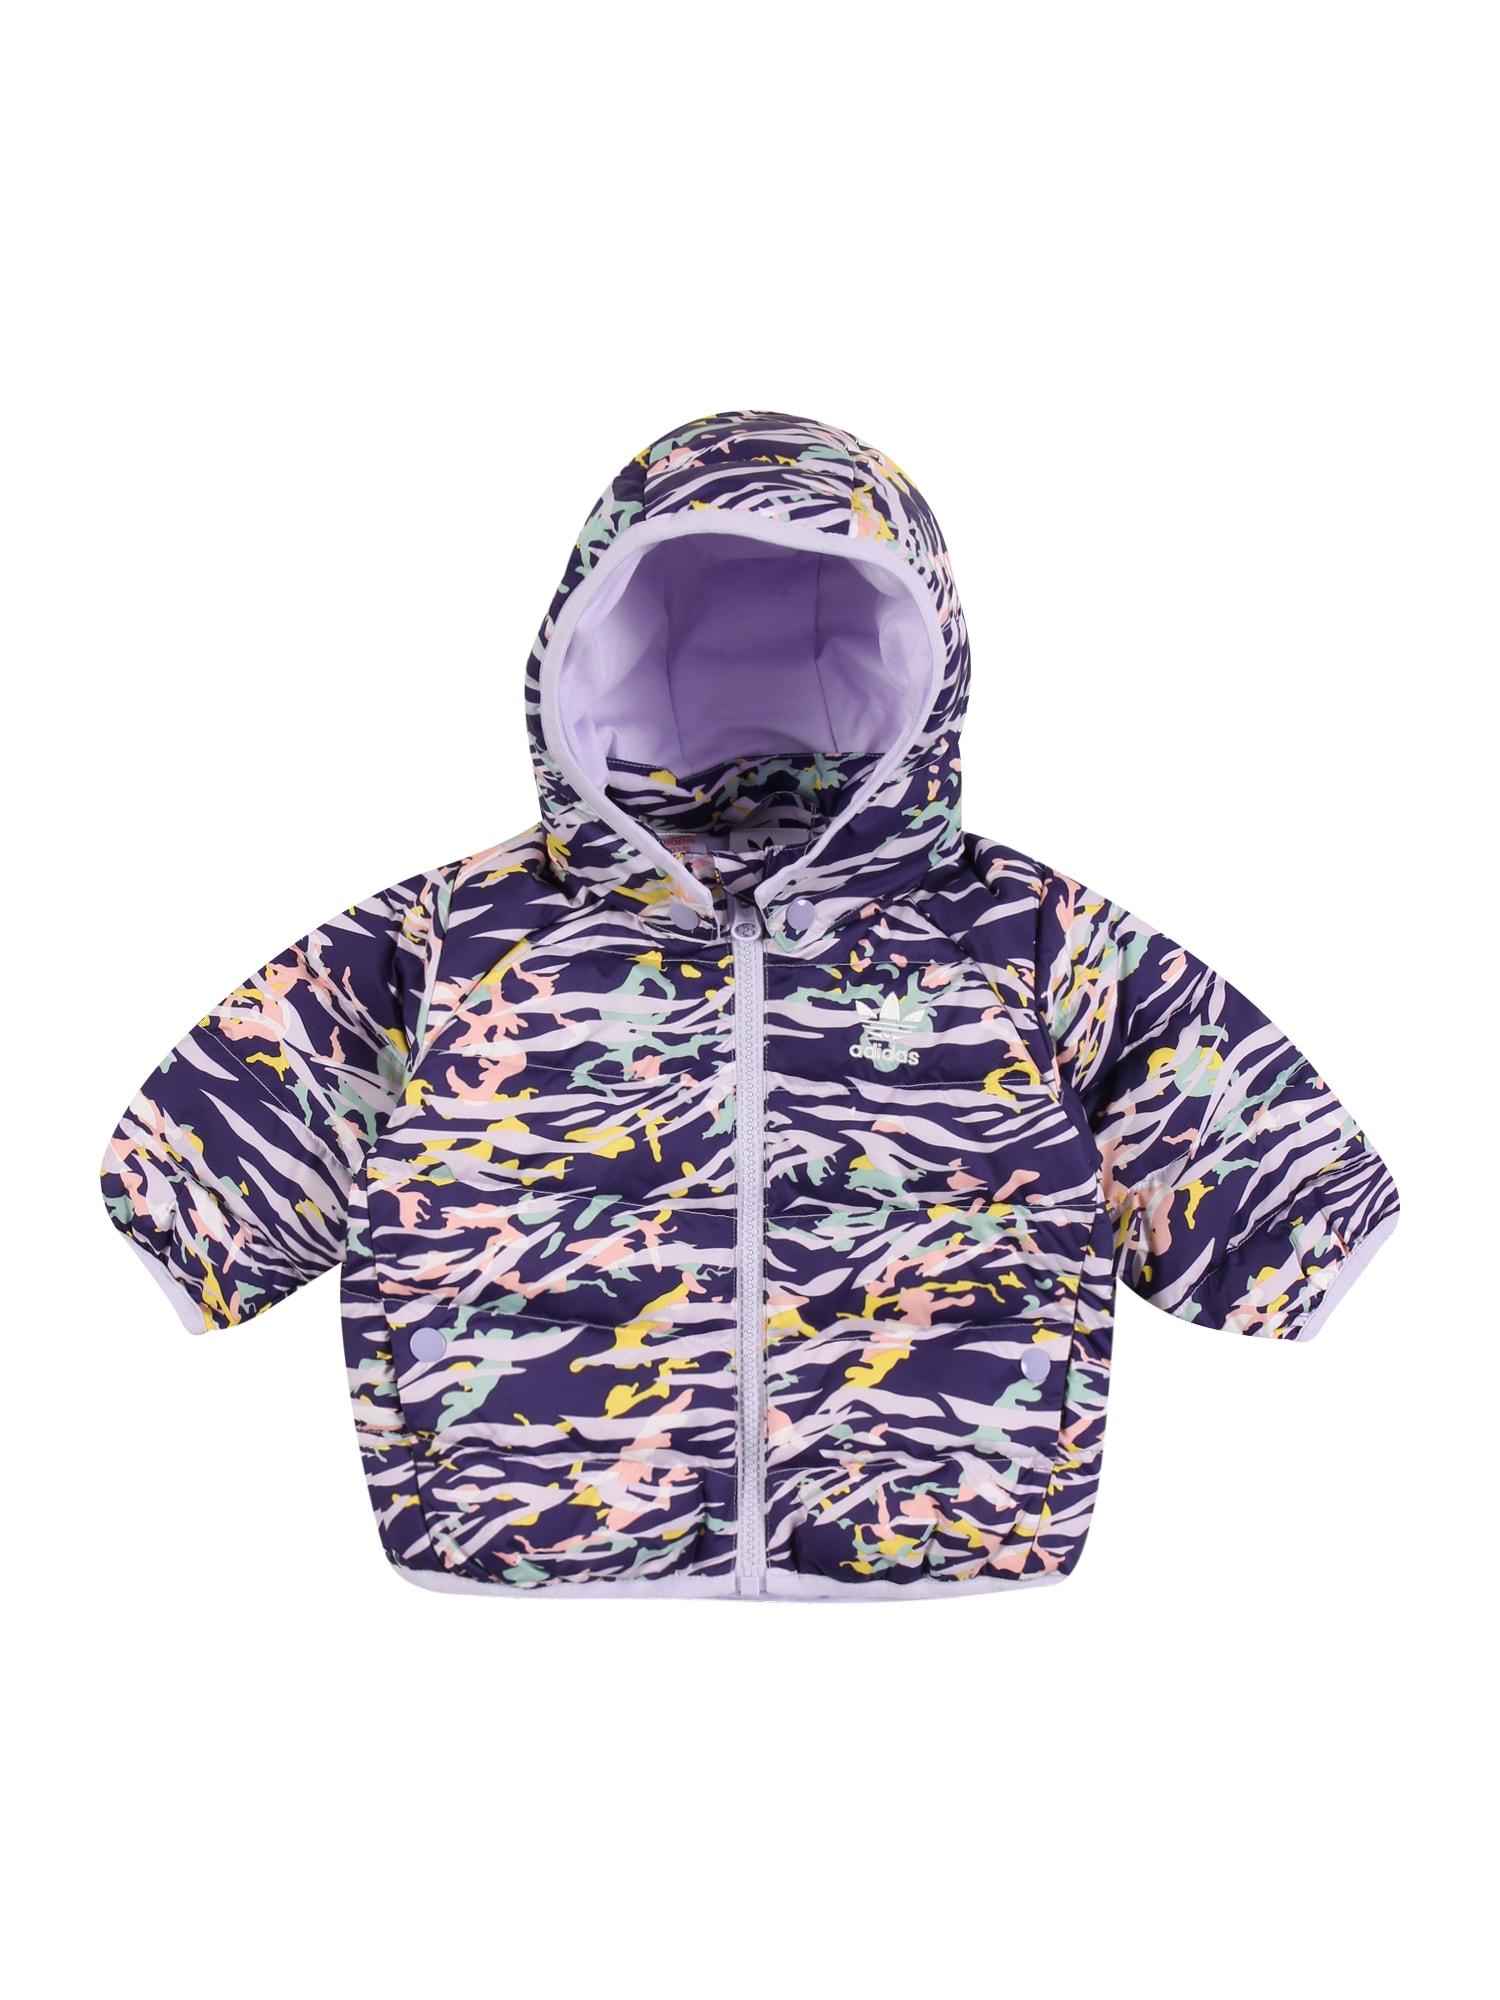 ADIDAS ORIGINALS Žieminė striukė tamsiai violetinė / mišrios spalvos